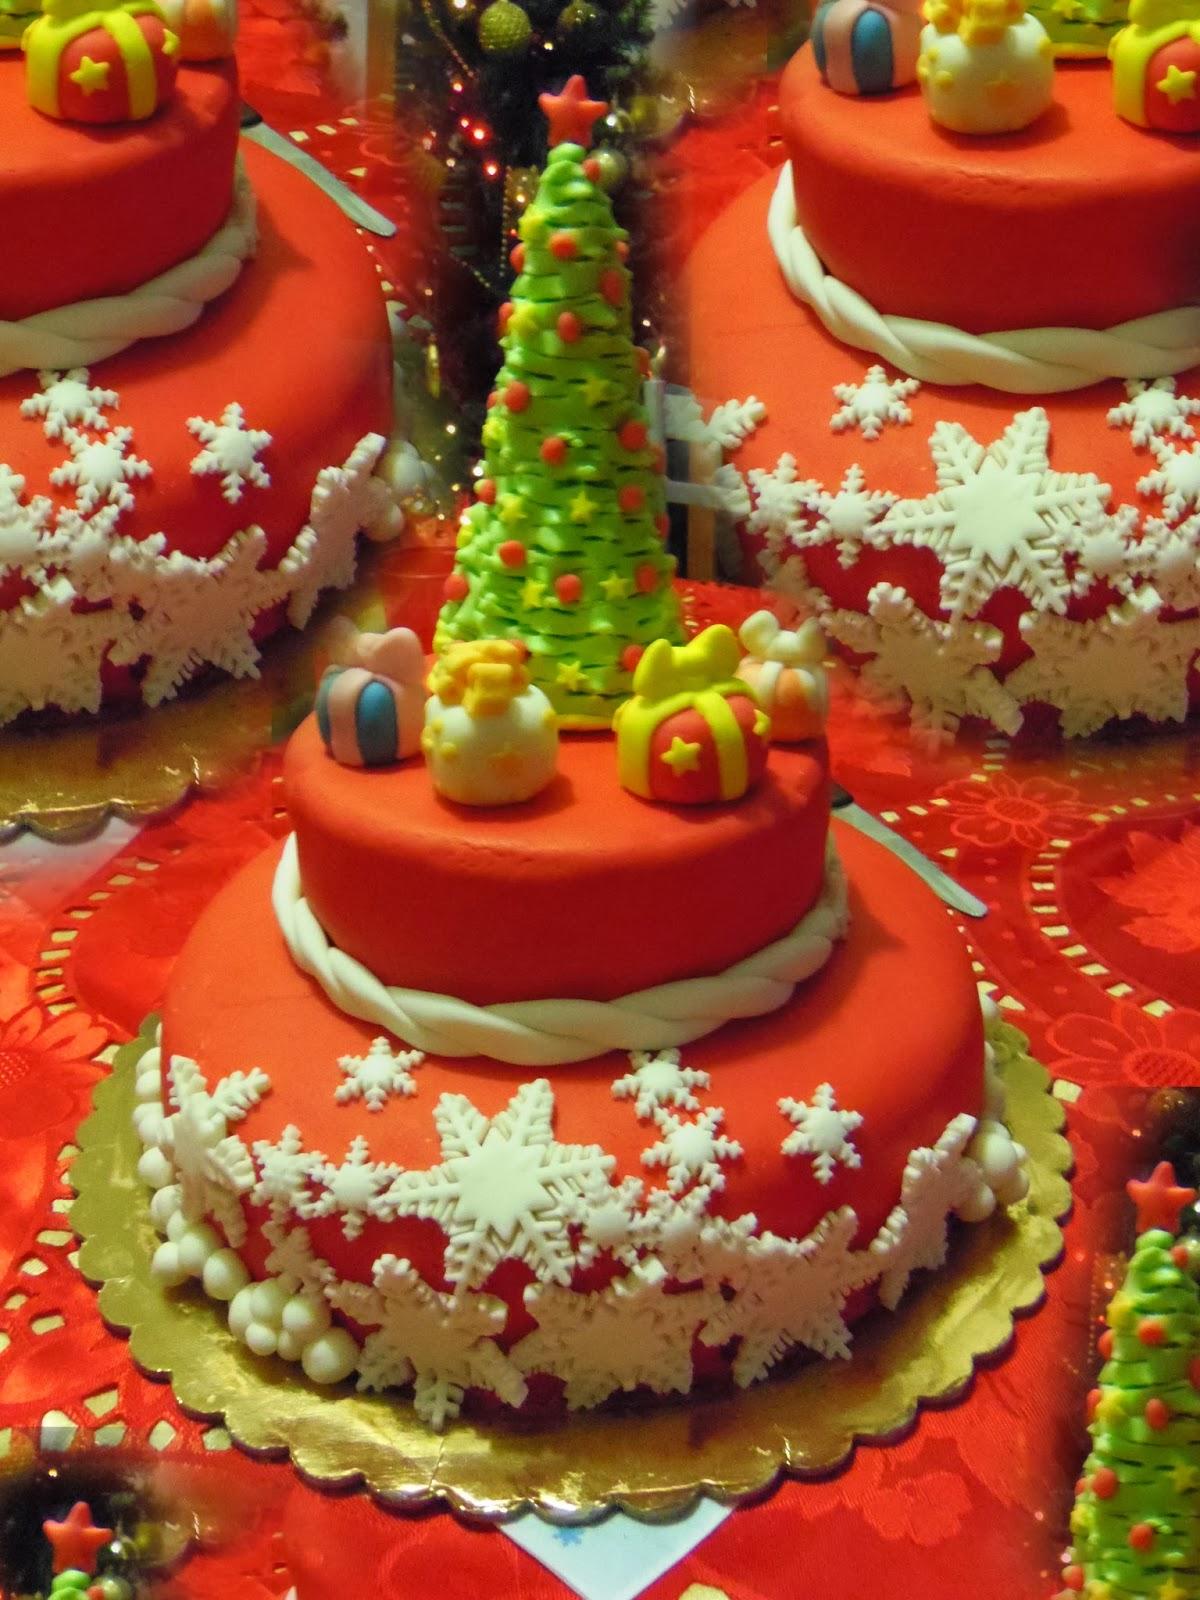 Luna di cioccolata torte decorate - Decorazioni torte natalizie ...